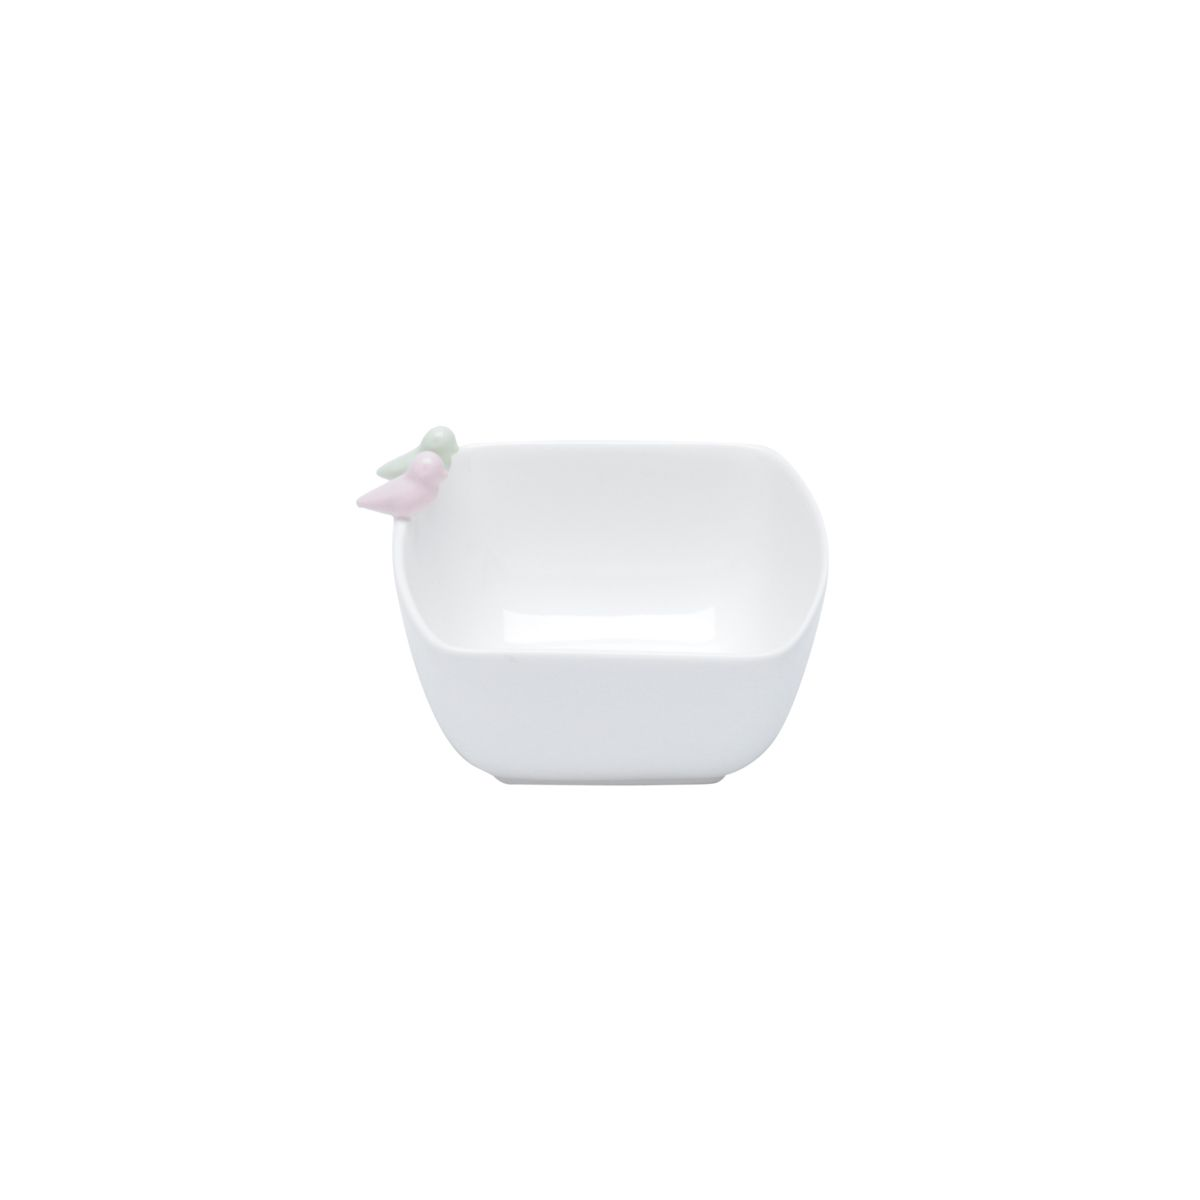 Bowl 12 x 10 cm de porcelana Birds Colors Wolff - 17400